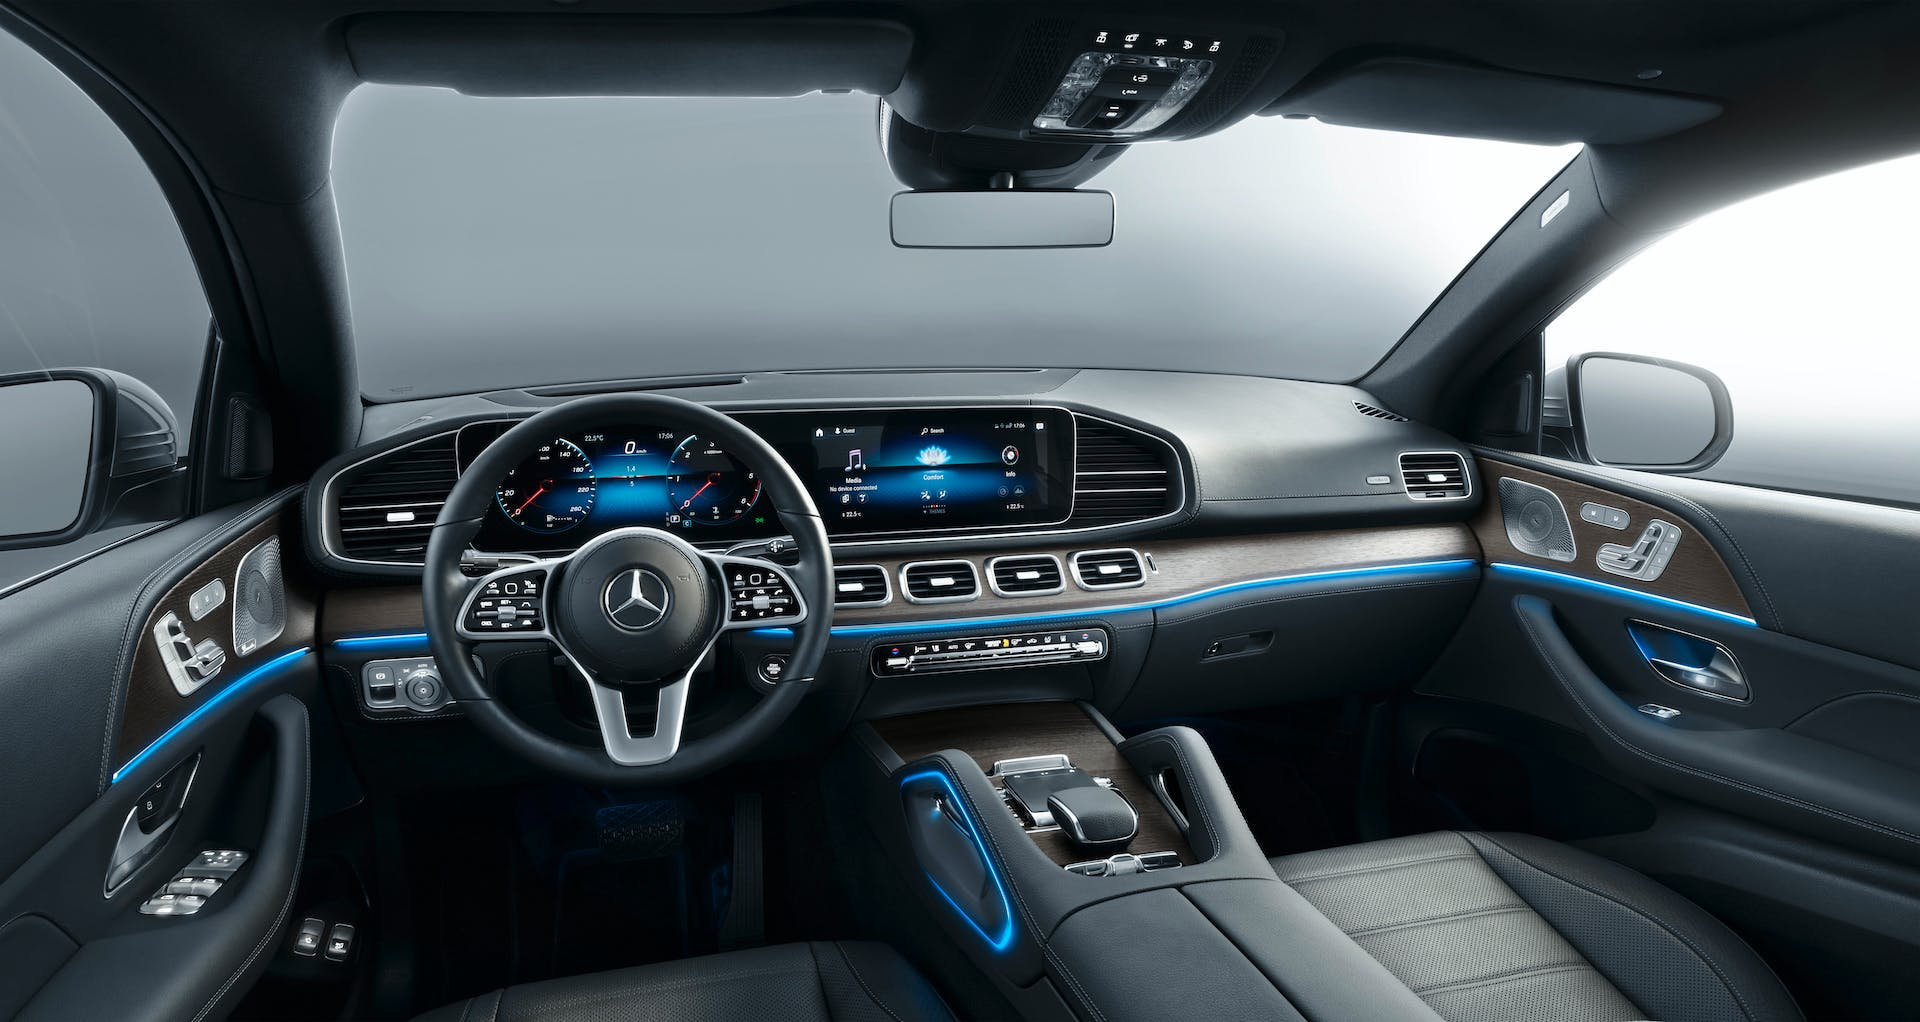 plancia nuova Mercedes-Benz GLE Coupé 2019Mercedes-Benz GLE Coupé